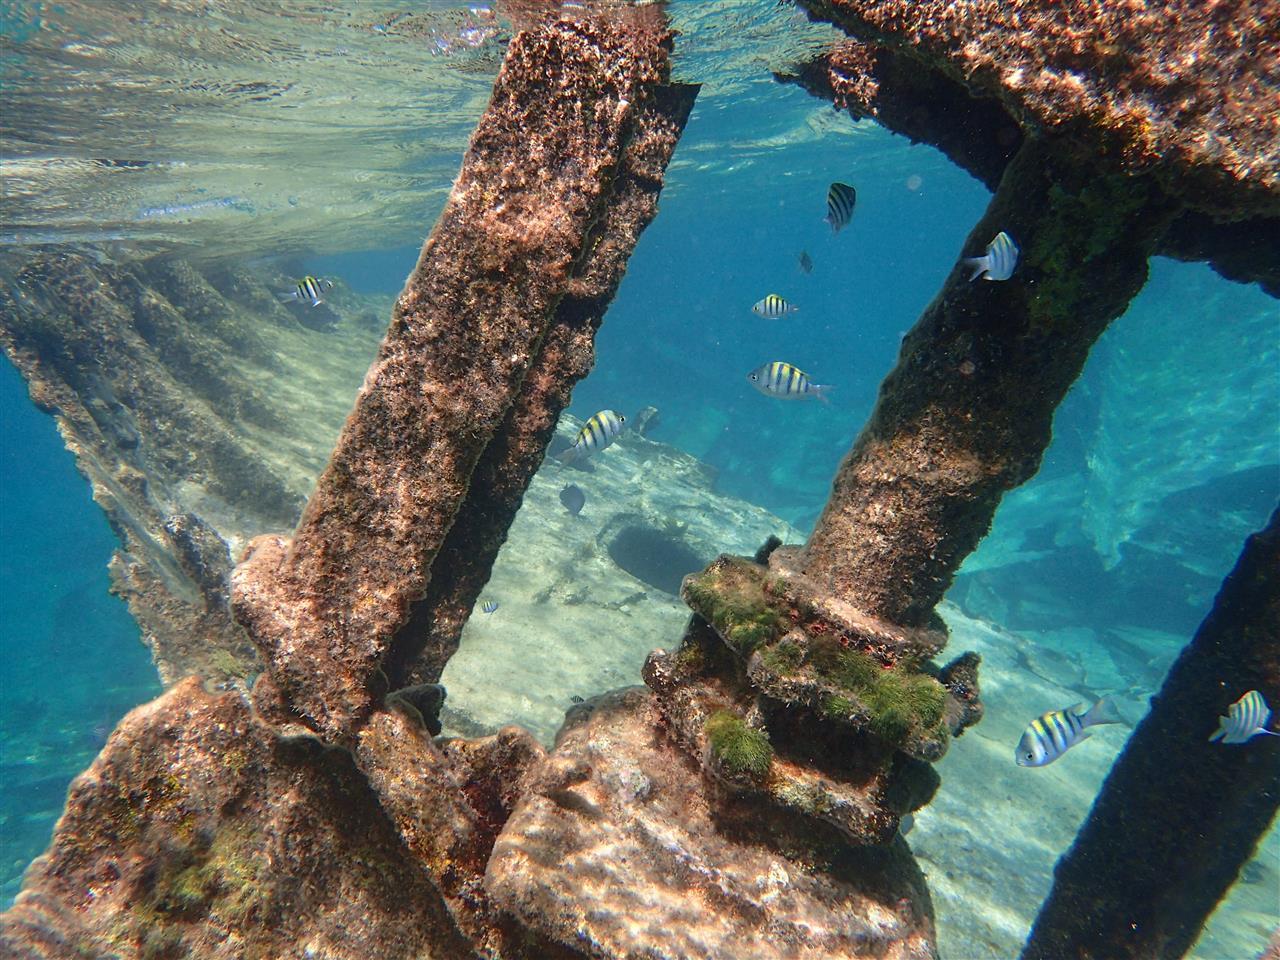 Cayman underwater